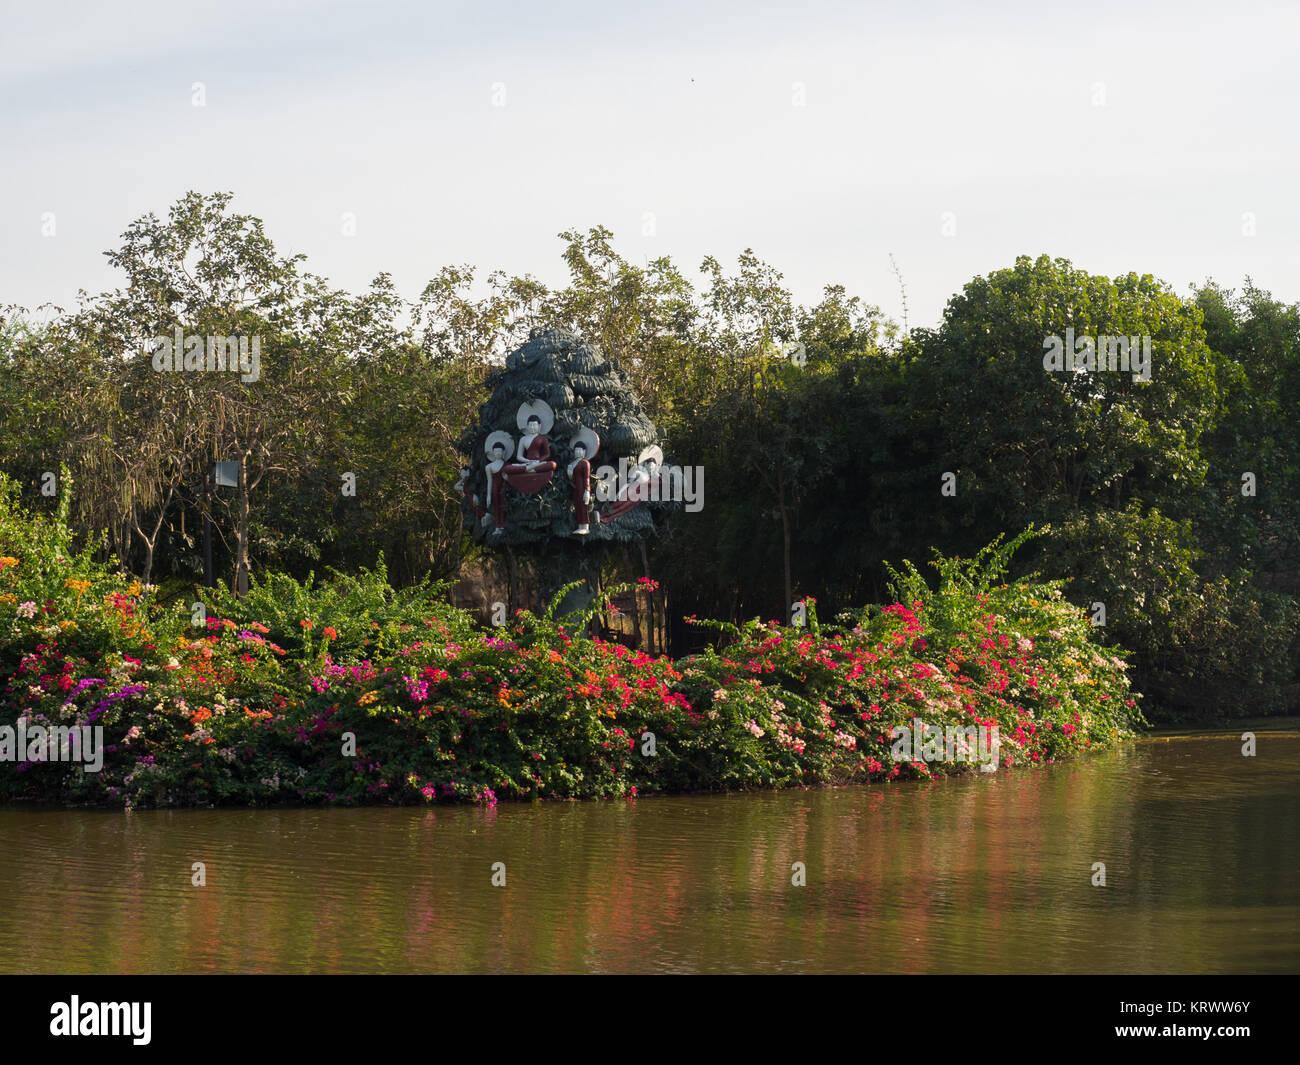 The River Garden Stock Photos & The River Garden Stock Images - Alamy